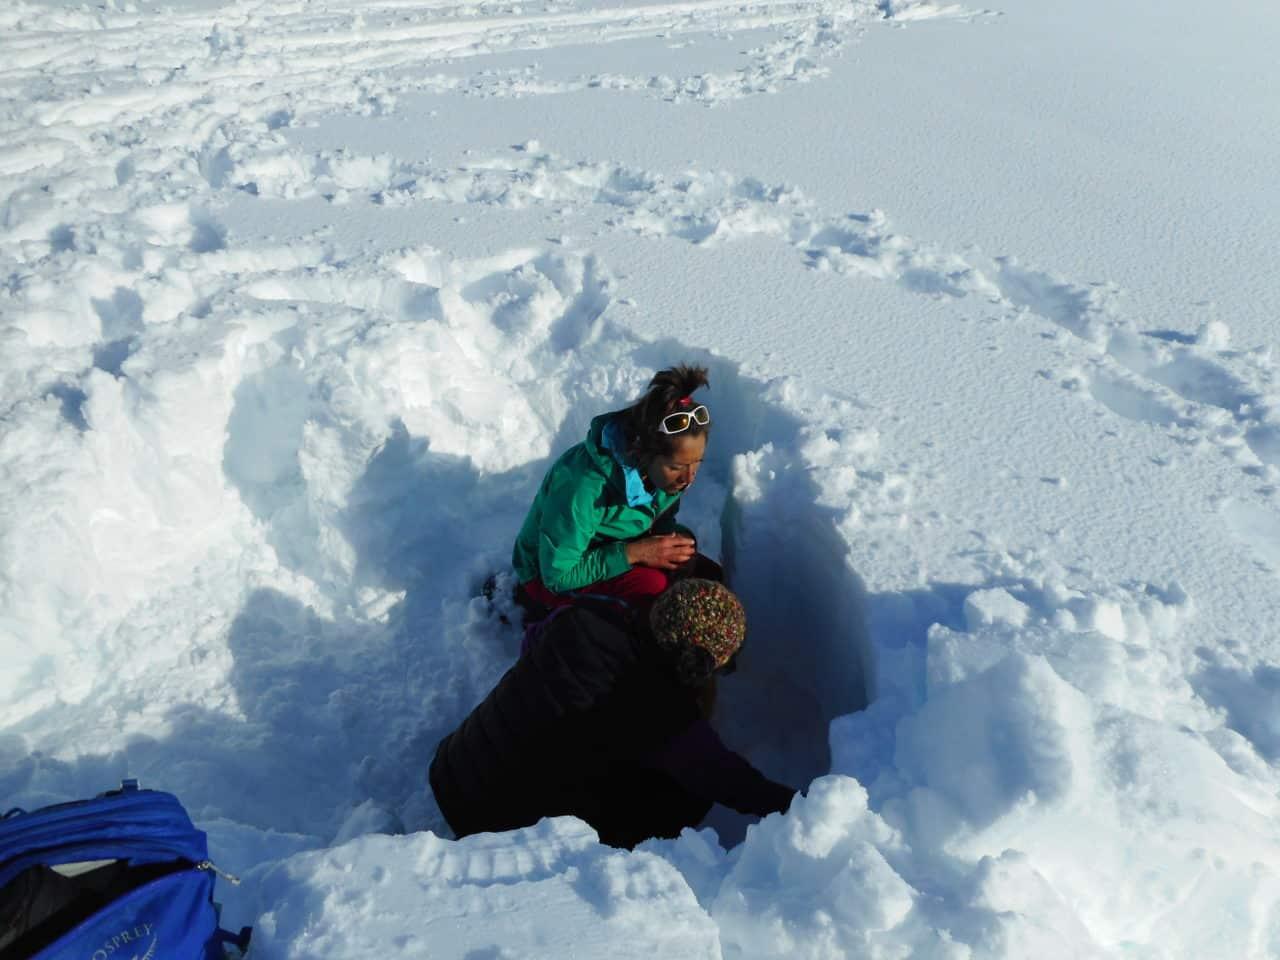 Balade en toute sécurite fjord norvégien, avec Silvana Carrard accompagnatrice pour Helyum.ch